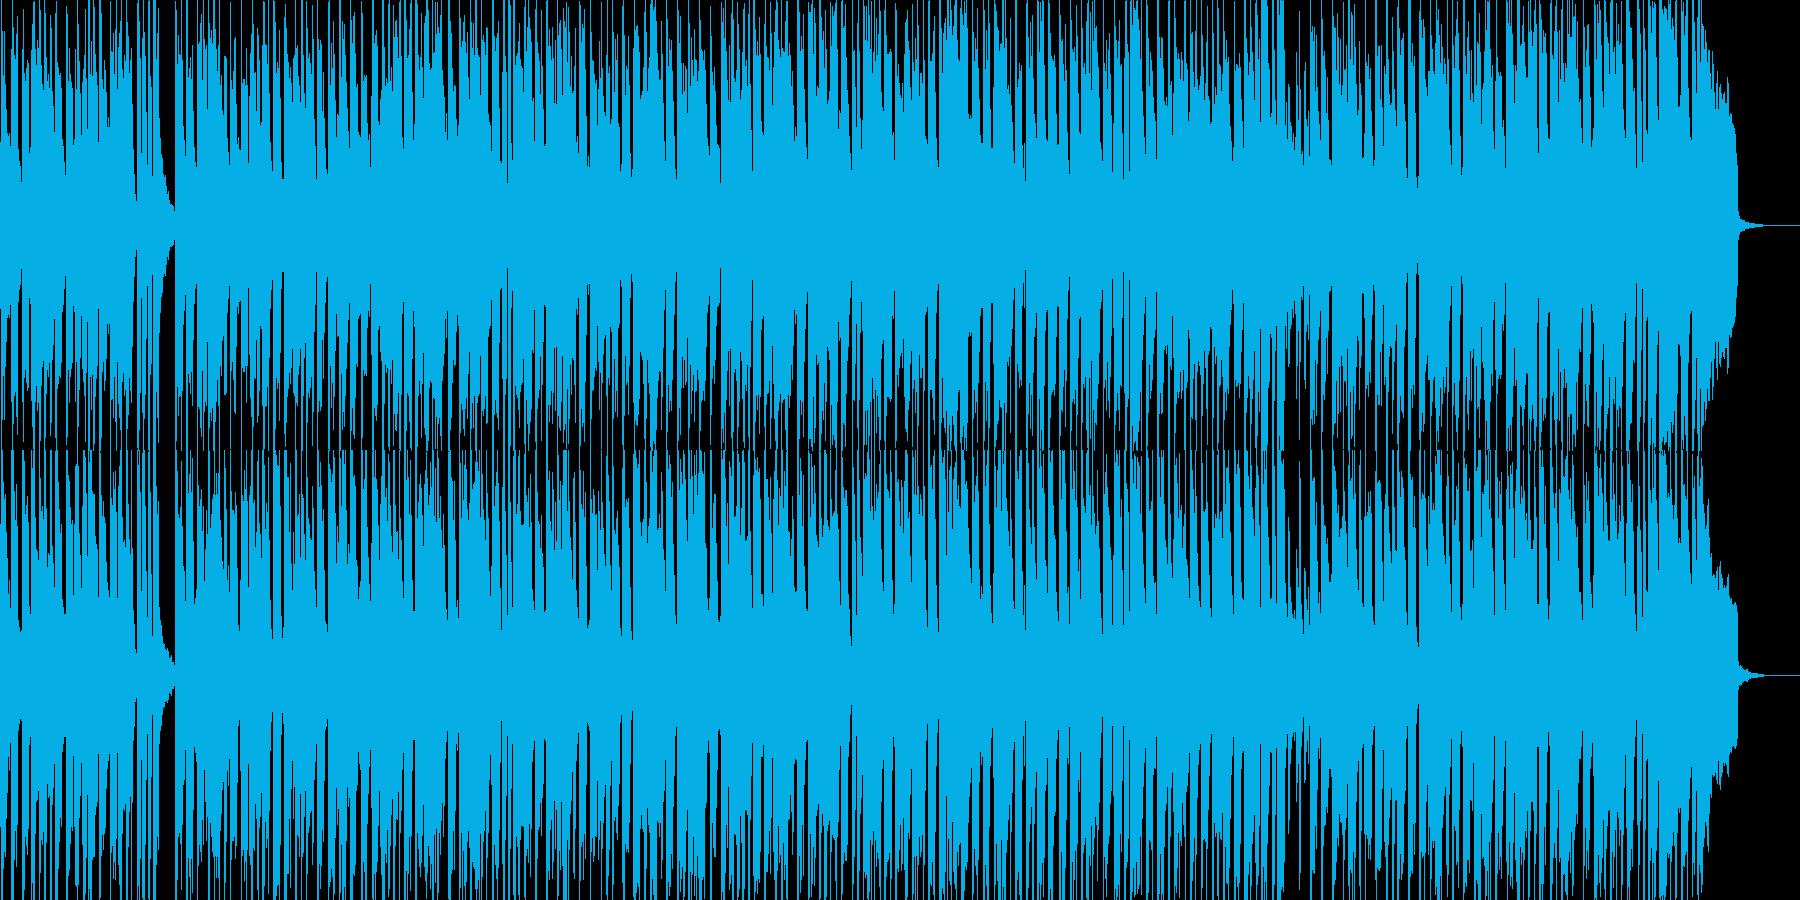 子供向けのわんぱくで元気なBGMの再生済みの波形